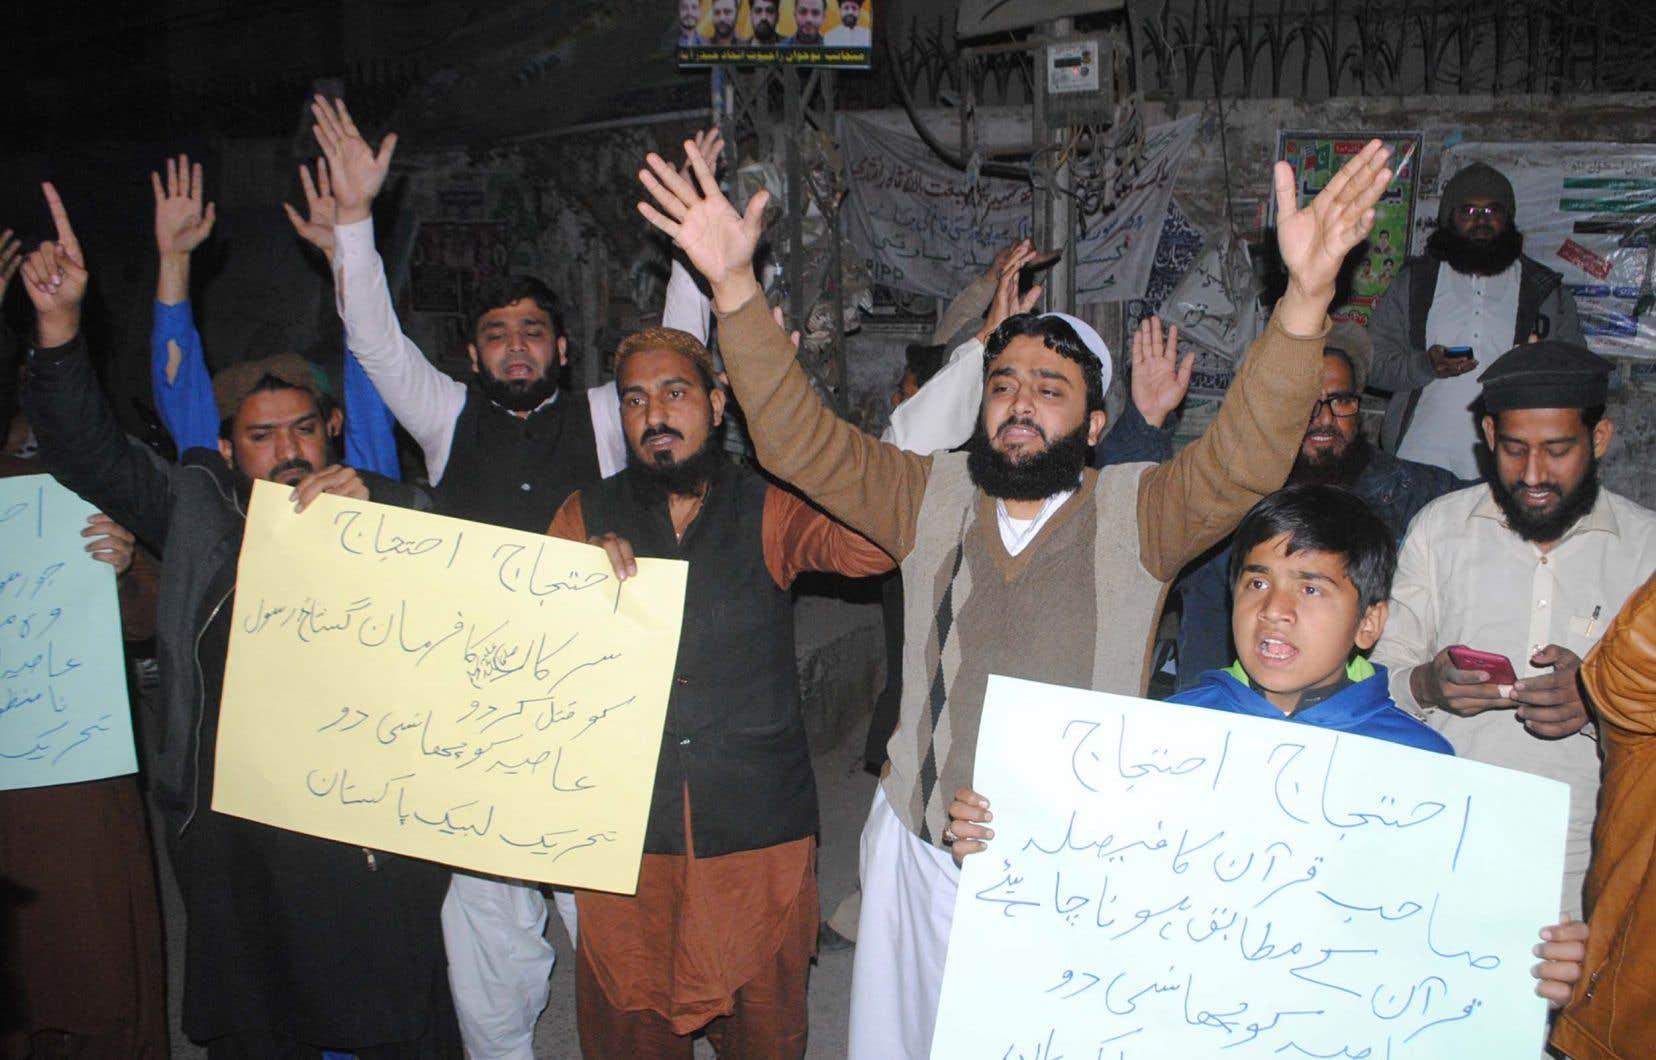 Des militants islamistes ont protesté mardi contre la décision de la Cour suprême pakistanaise.